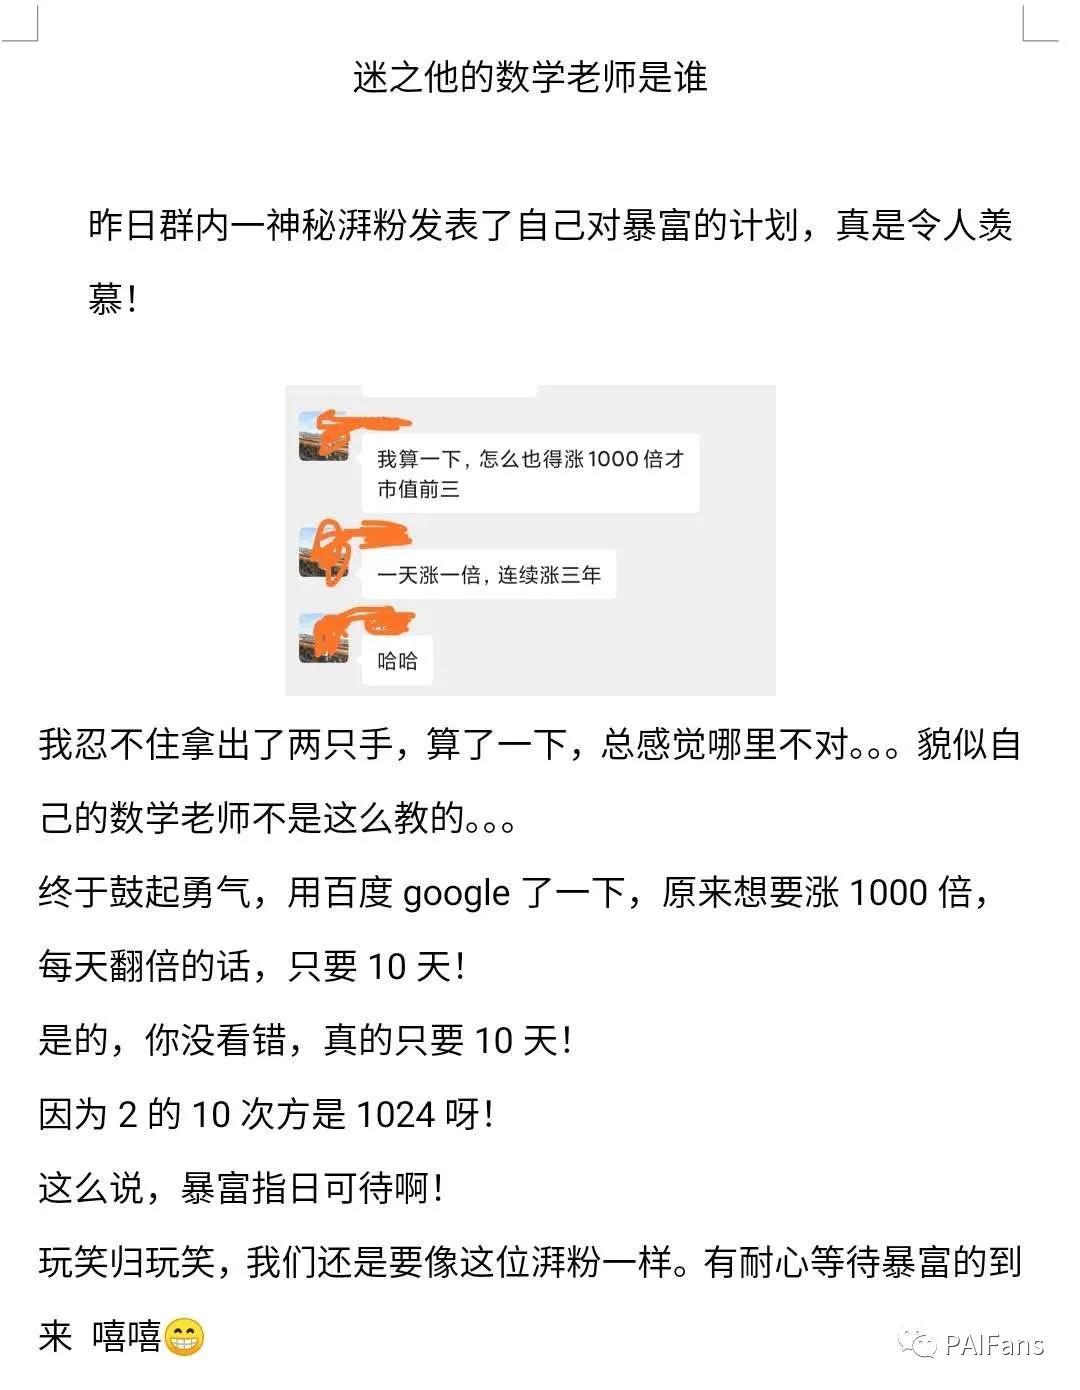 PAI中文社区周报:PAI第一期社区活动结束,获奖的粉丝快到钱包查收奖励